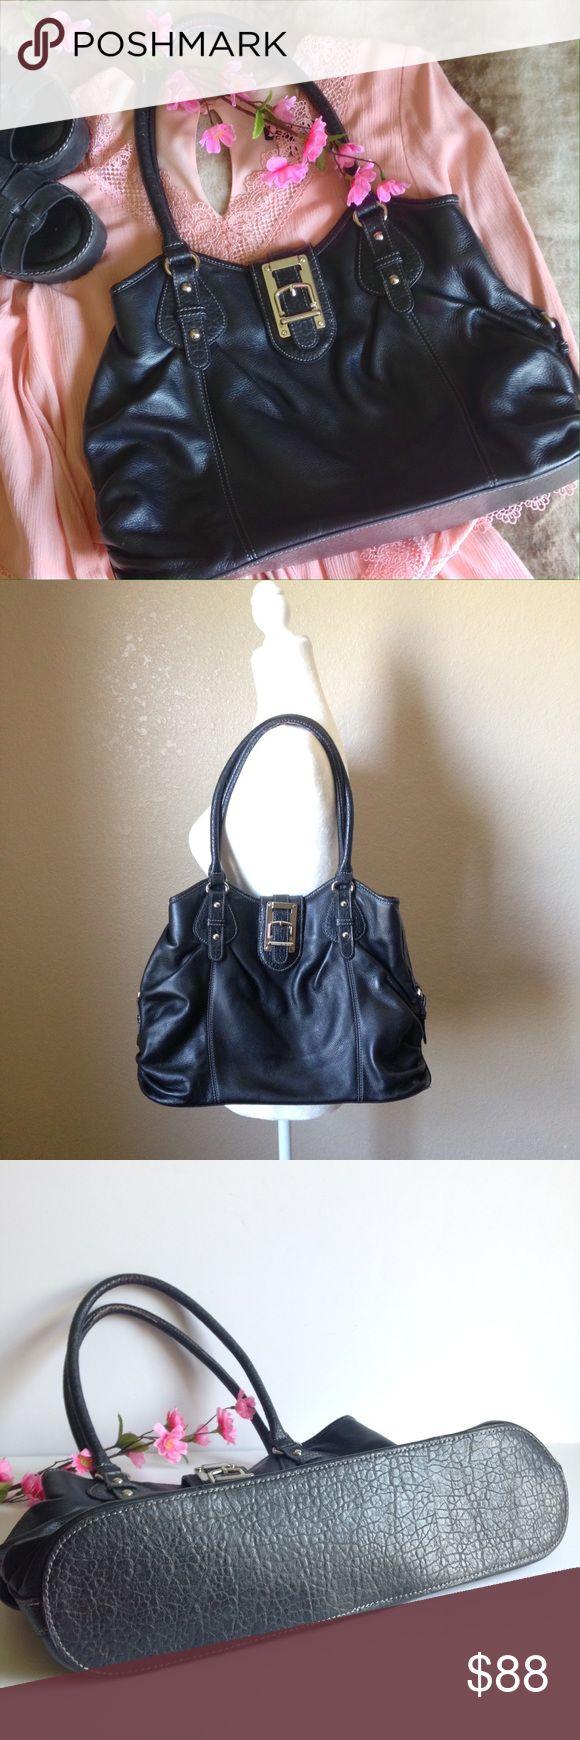 Etienne aigner black leather gloves - Etienne Aigner Large Ruched Leather Shoulder Bag